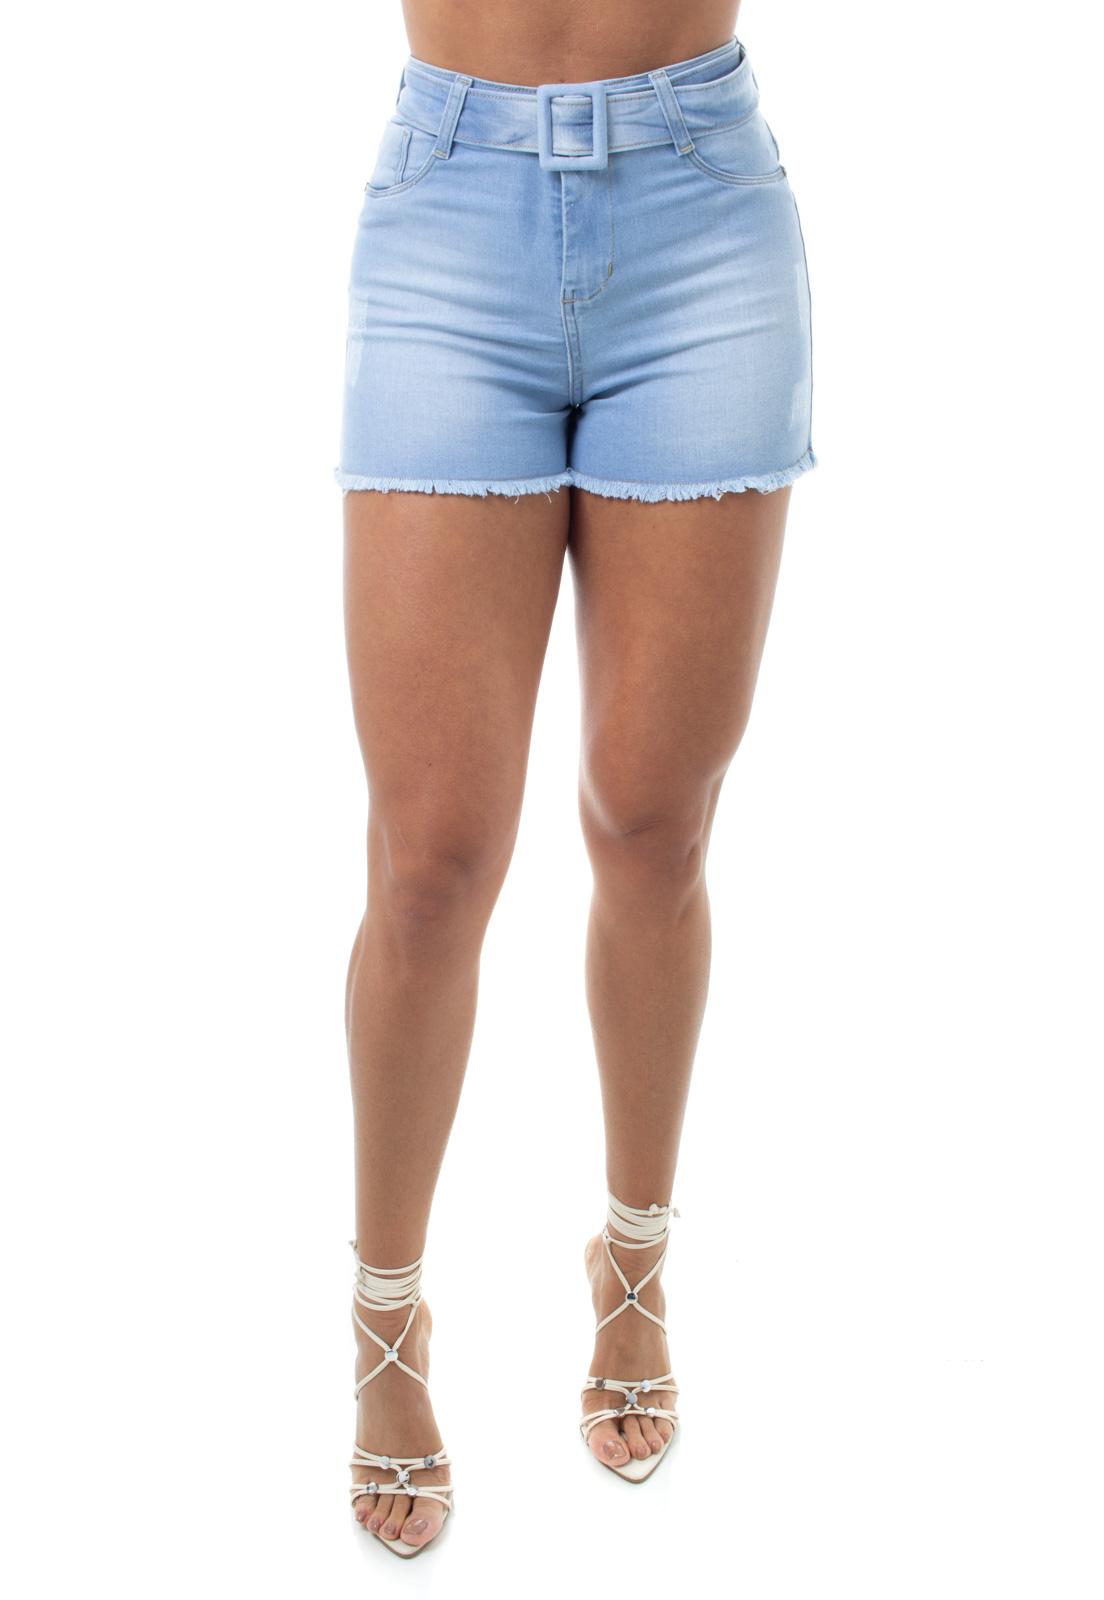 Shorts Jeans Feminino Curto Com Cinto e Barra Desfiada Crocker - 48145  - CROCKER JEANS